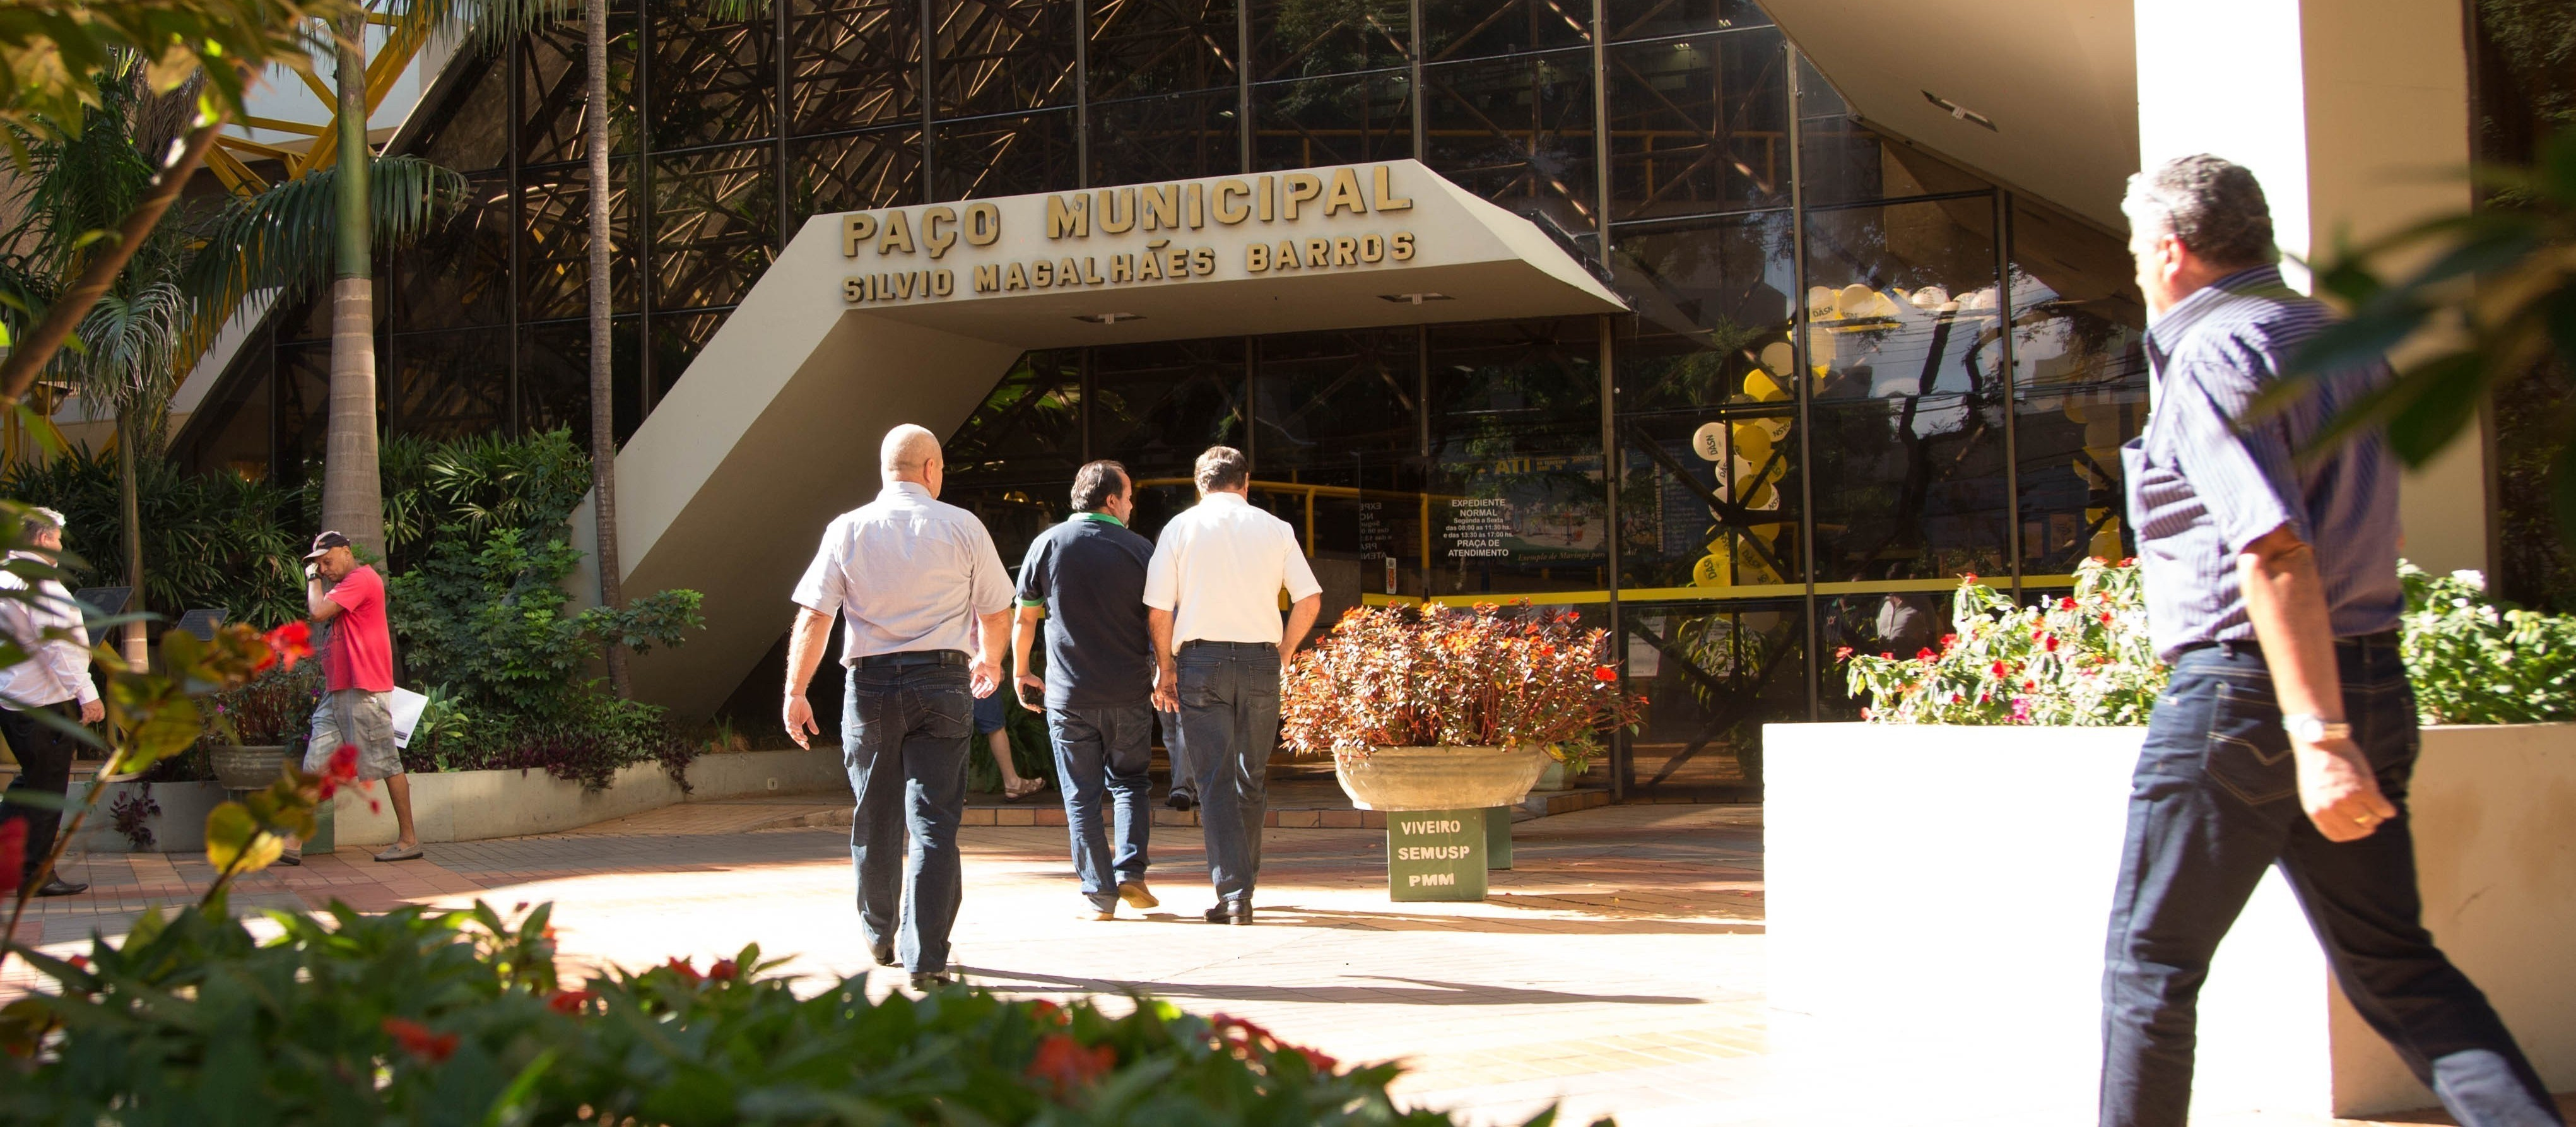 Educação, Serviços Públicos e Saúde lideram horas-extras na Prefeitura